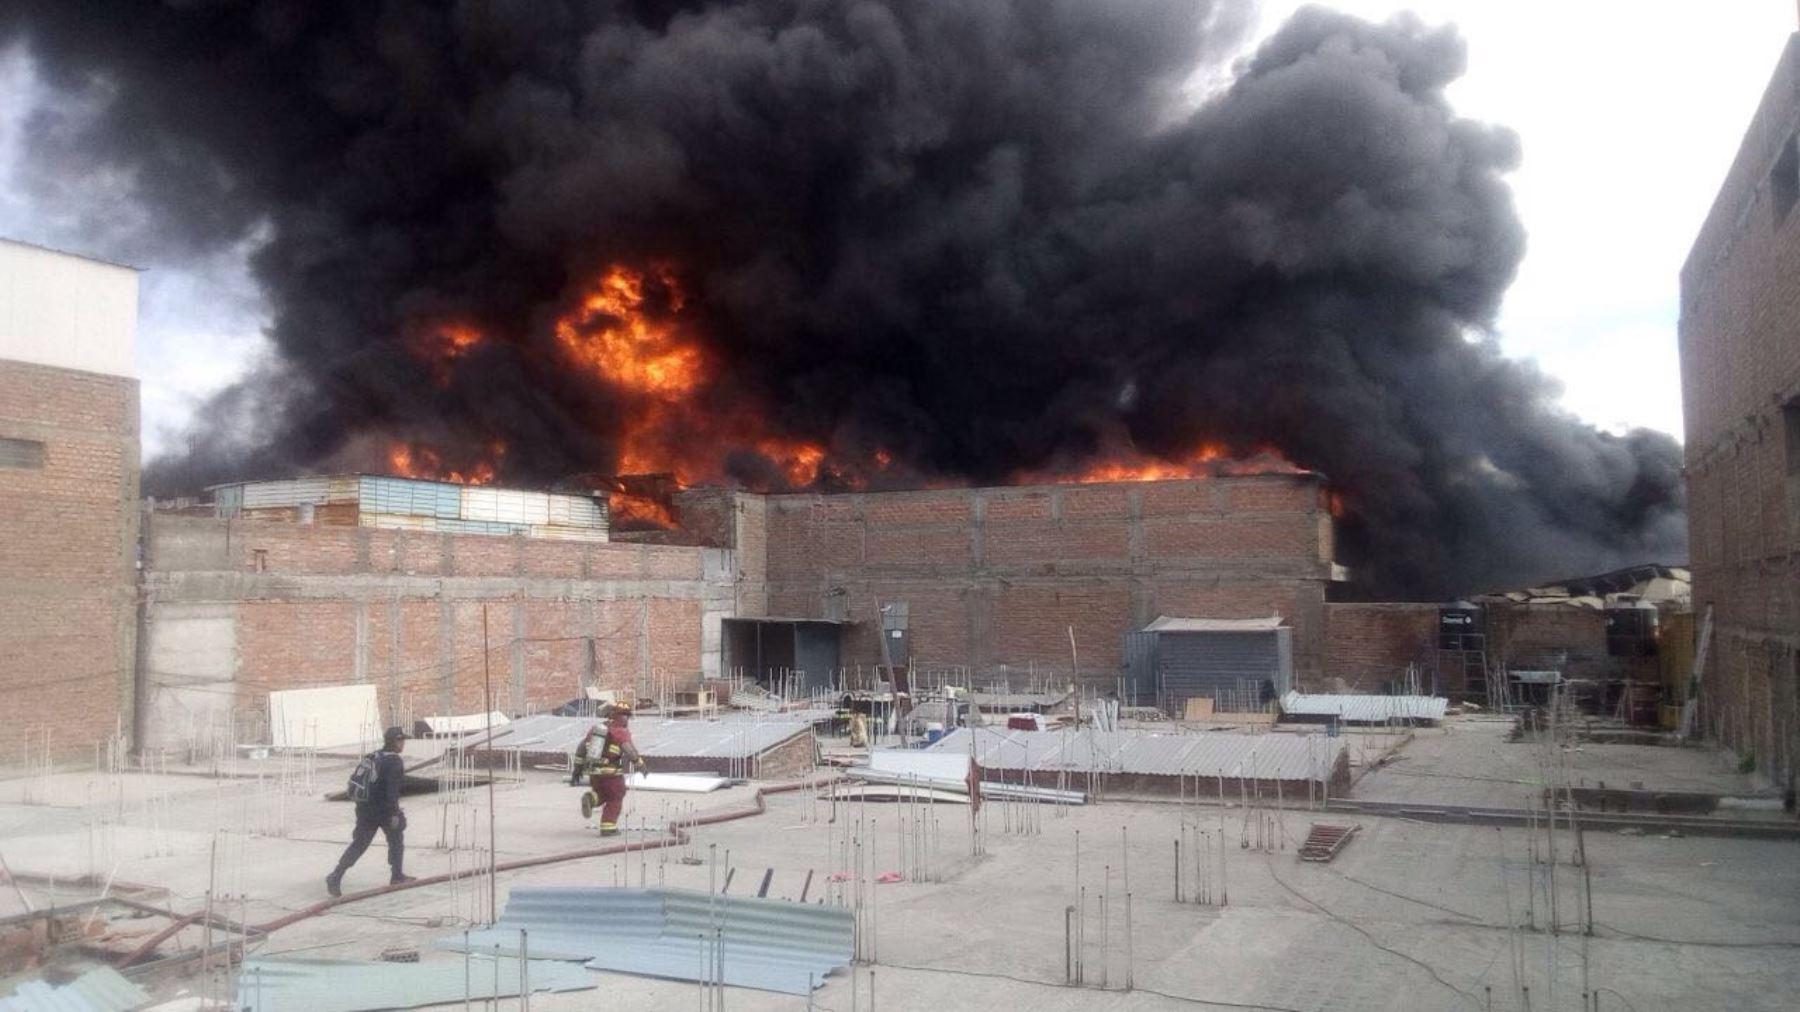 En la zona del incendio de grandes proporciones se comercializa ropa, telas y objetos de plástico, productos altamente inflamables. ANDINA